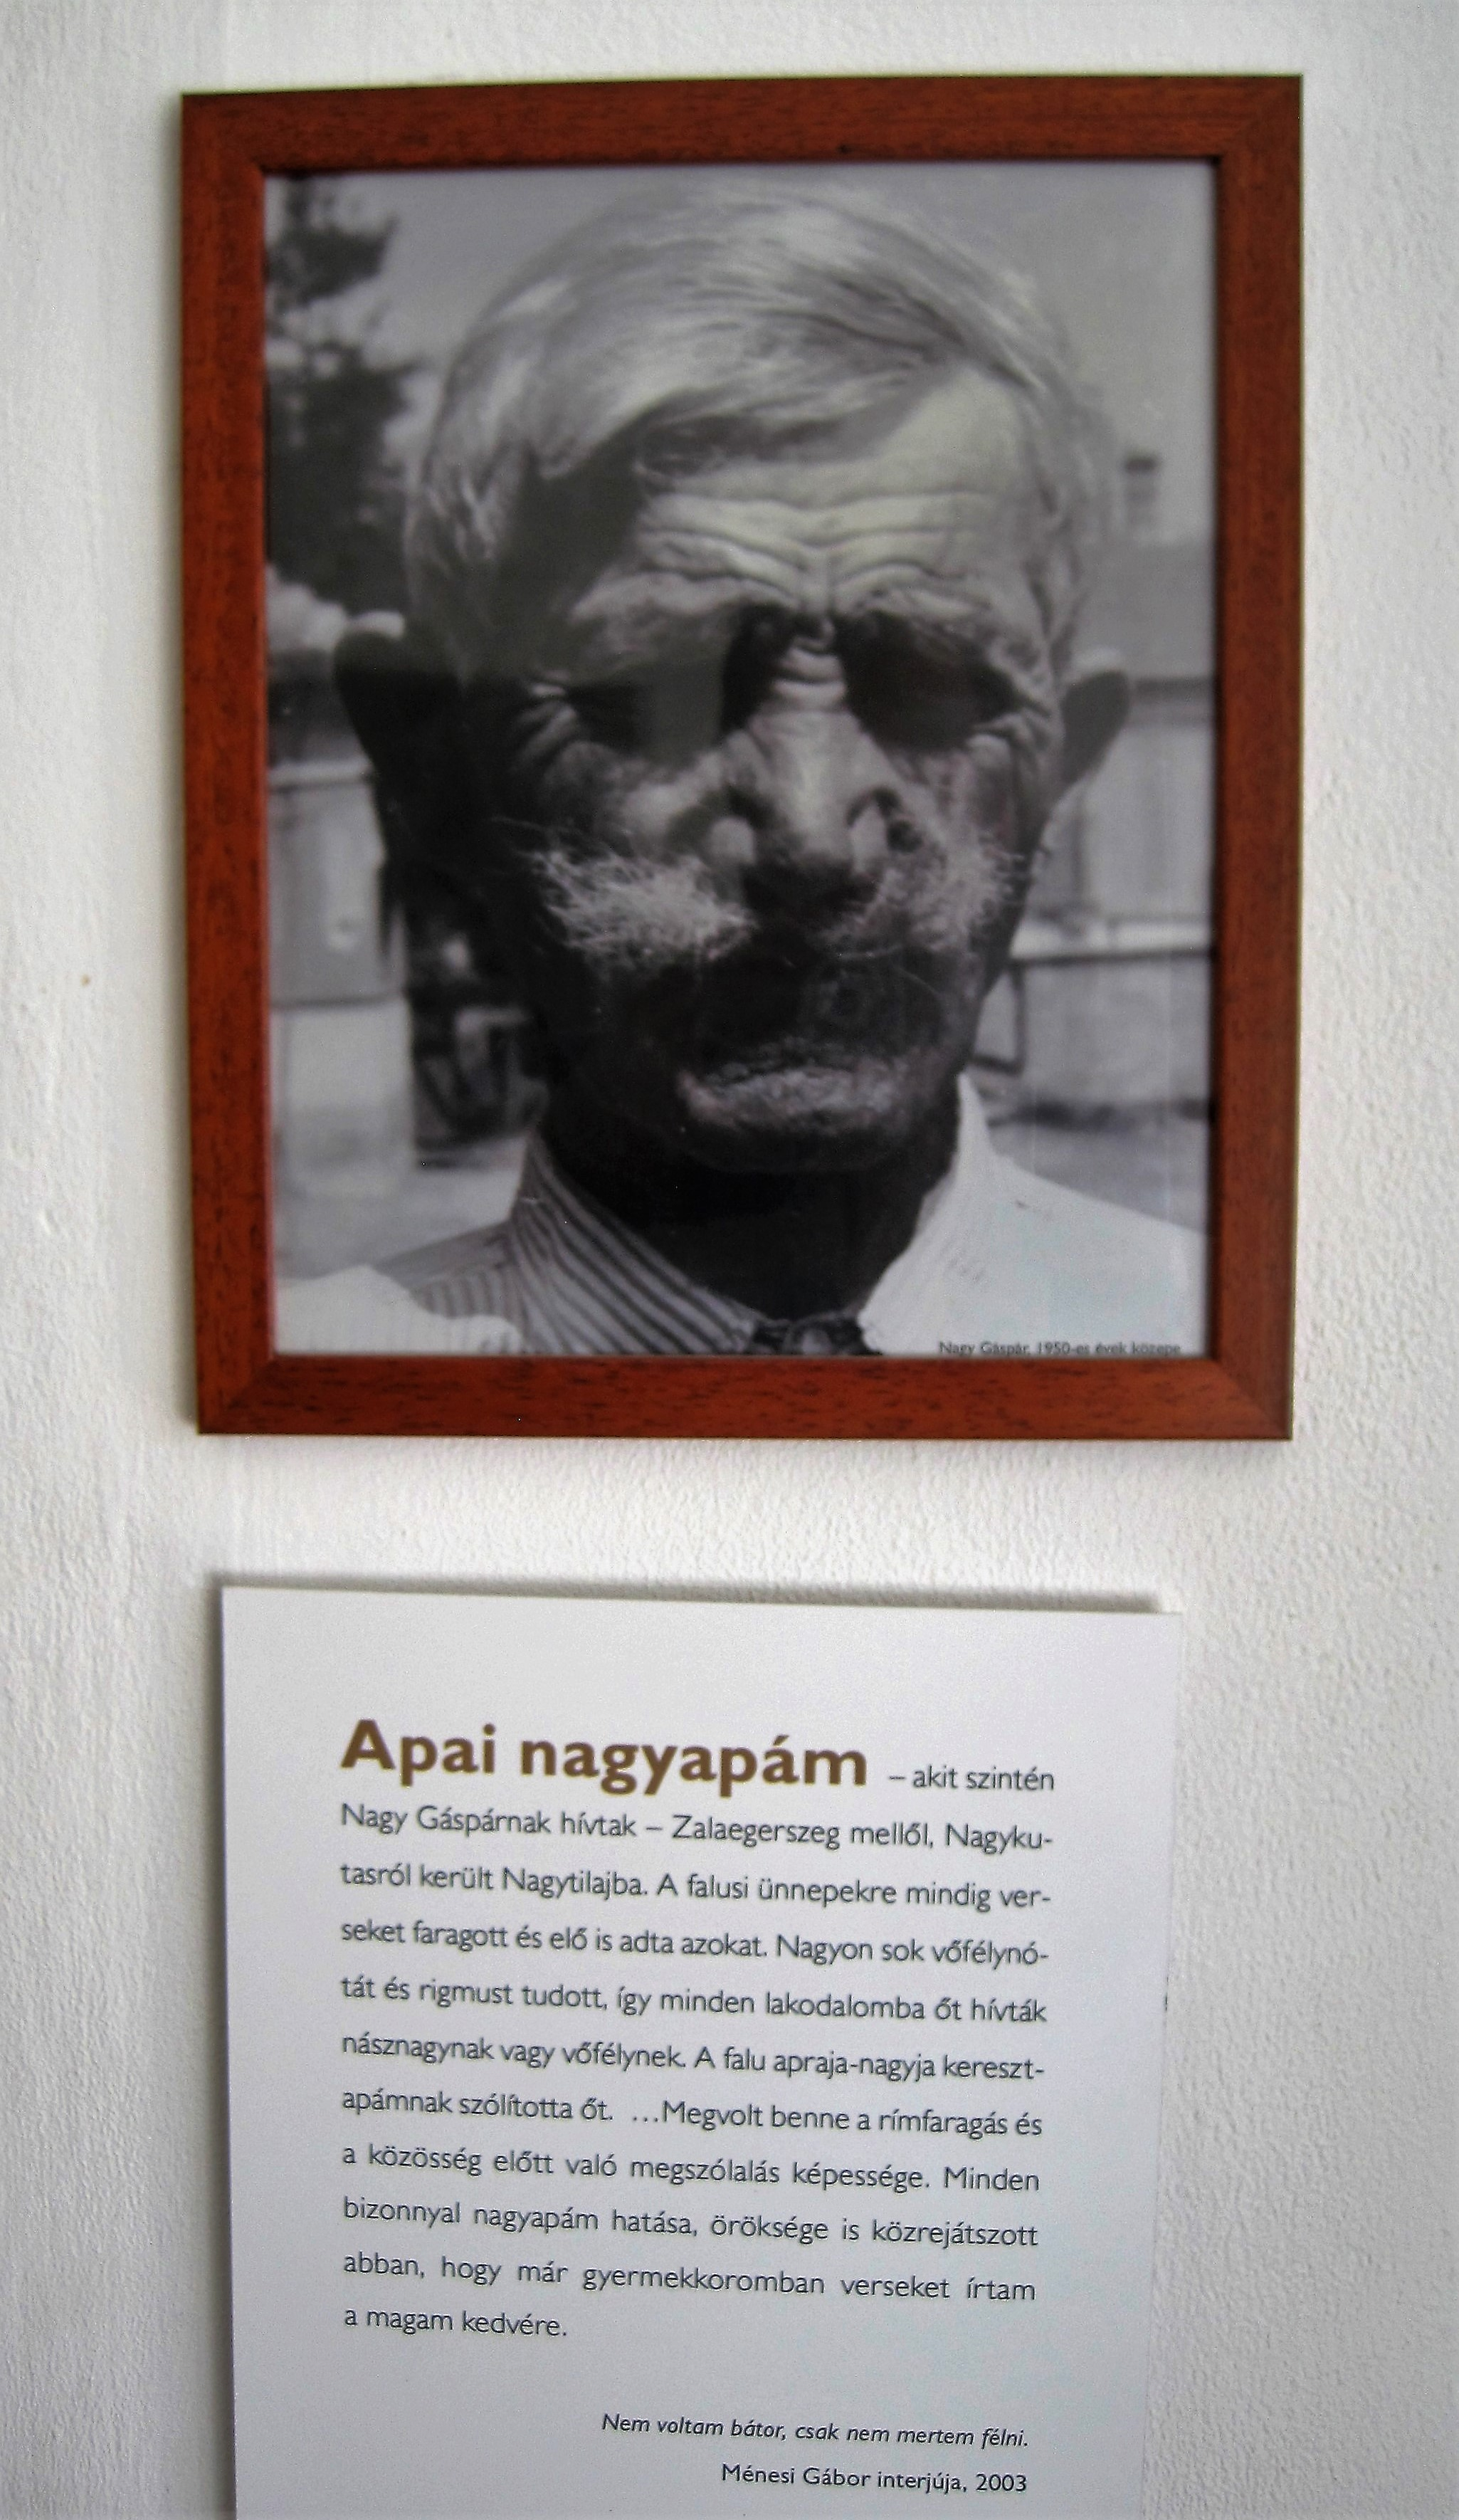 Gáspár Nagy's paternal grandfather